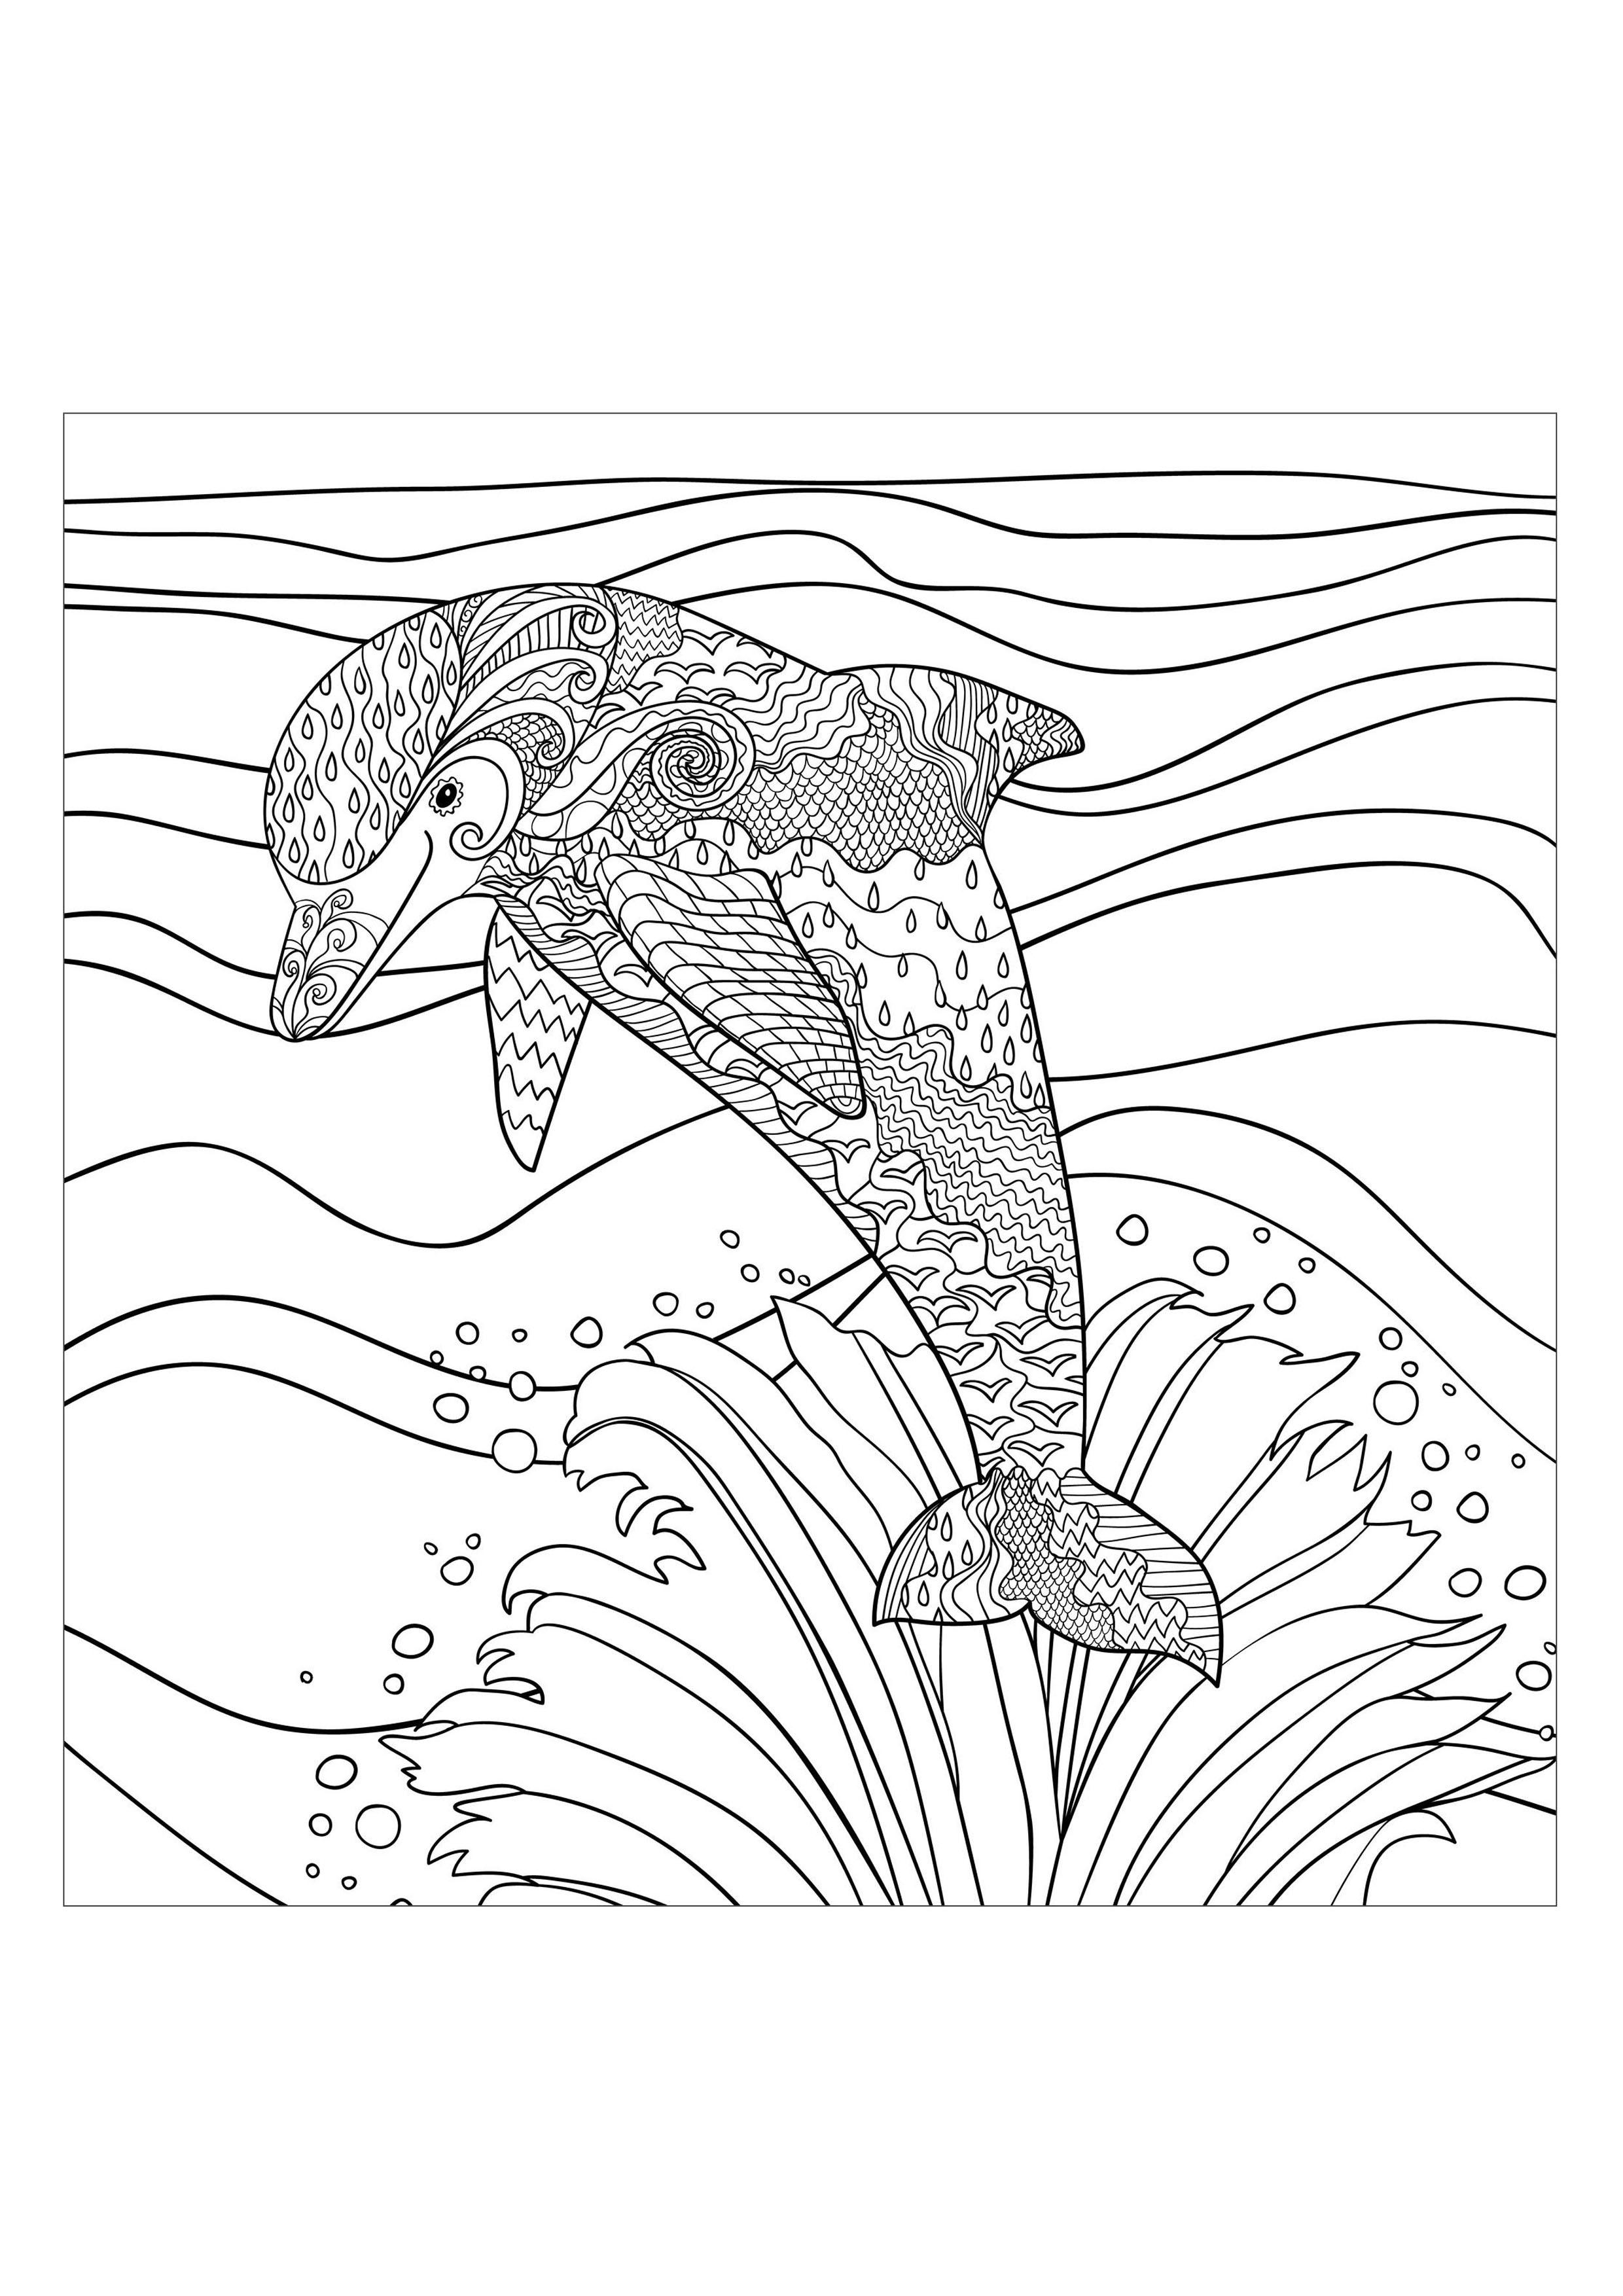 L'ami aquatique de l'hommeA partir de la galerie : Mondes AquatiquesArtiste : Anna Lezhepekova